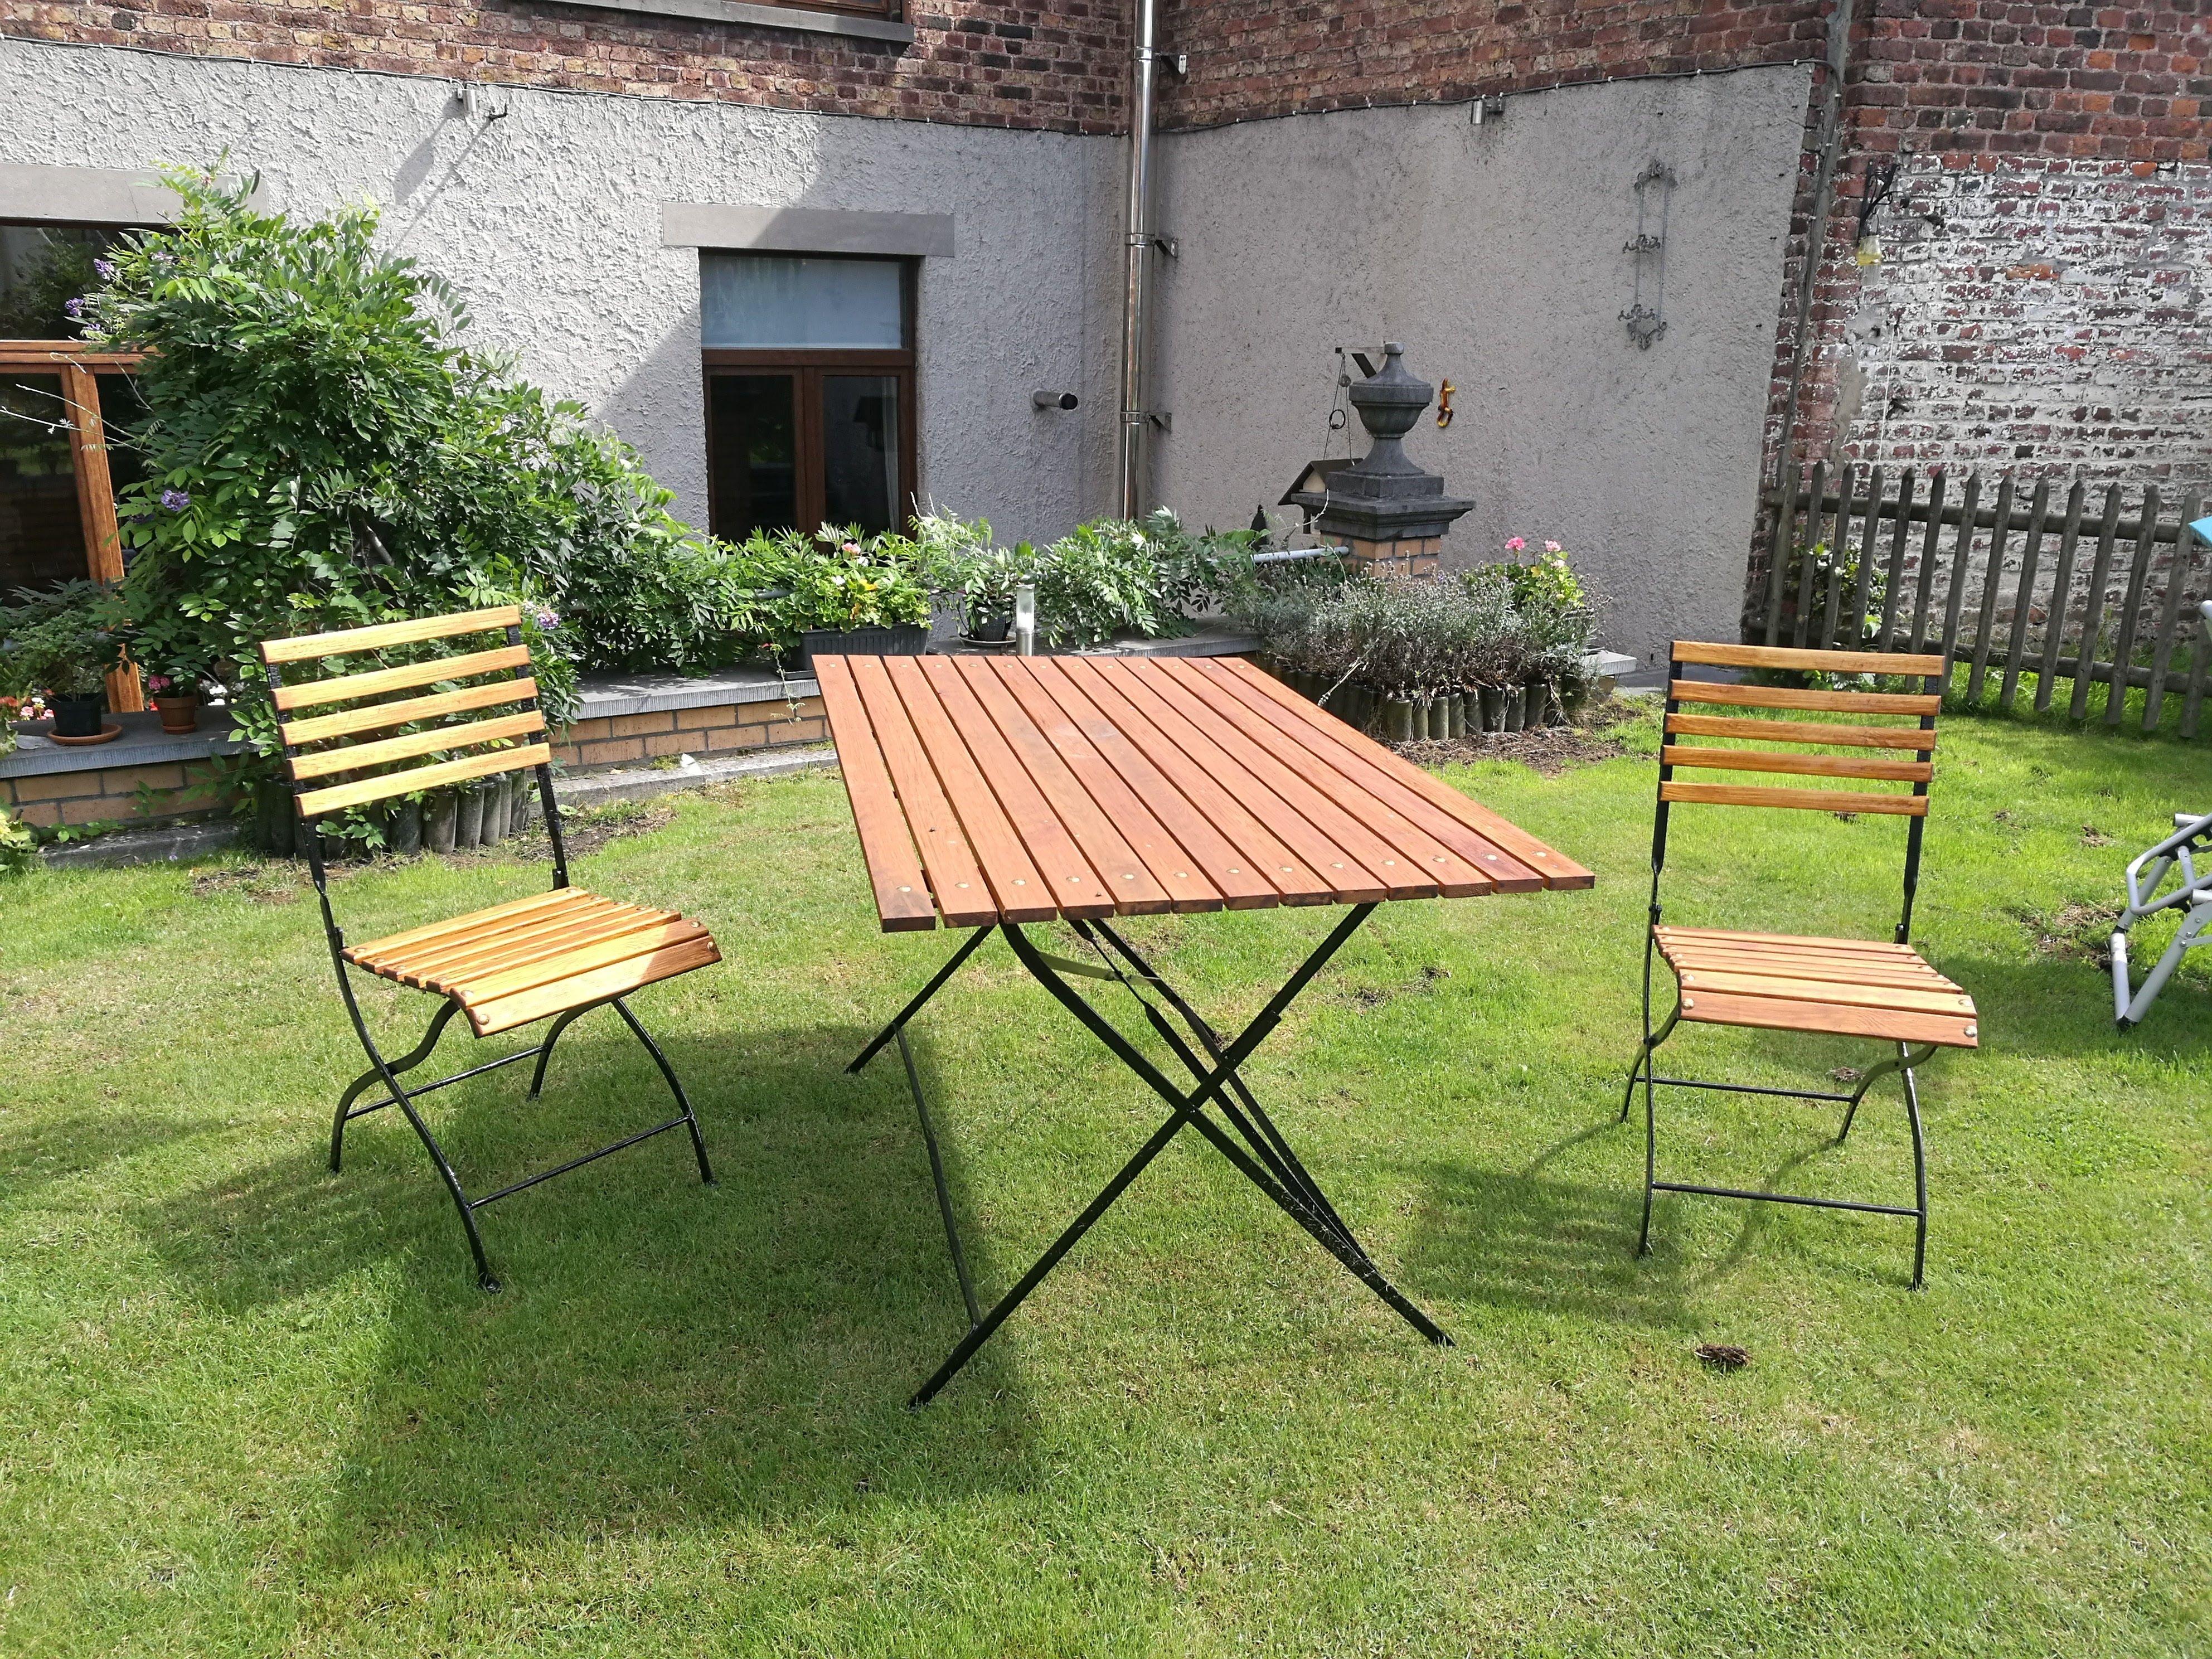 Gartenmöbel aus alt macht neu Bauanleitung zum selber bauen | Best ...